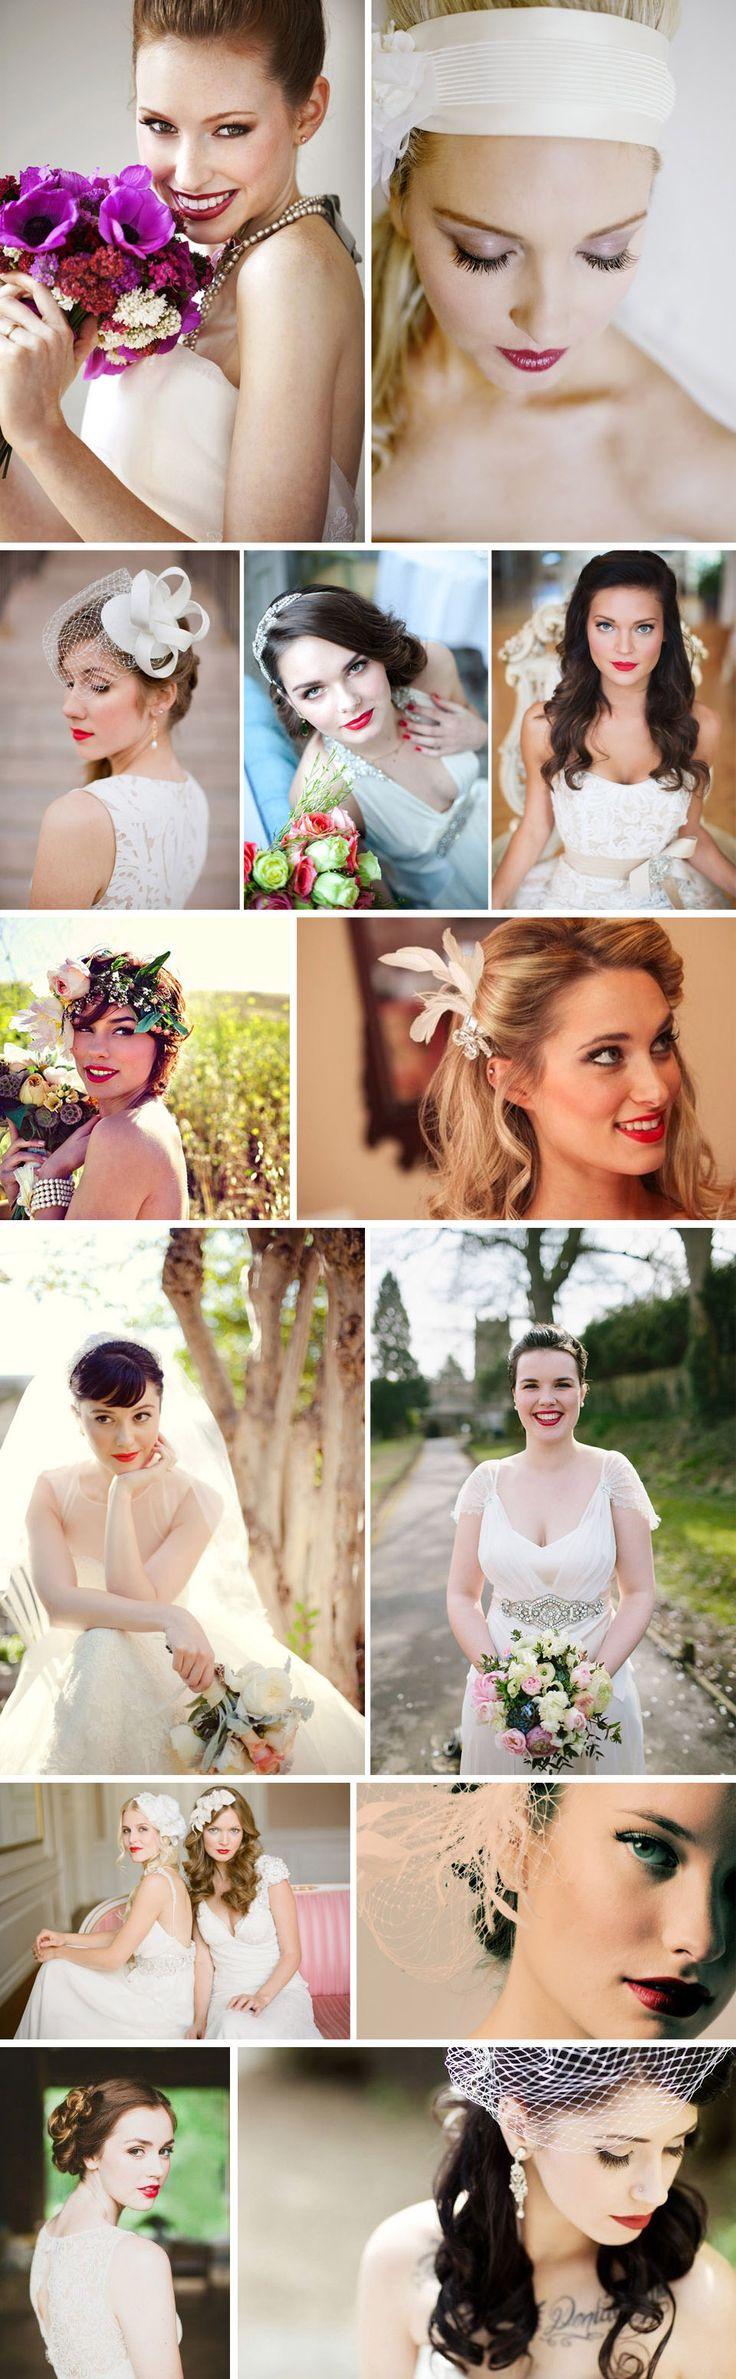 Lábios Vermelhos | Mariée: Inspiração para Noivas e Casamentos